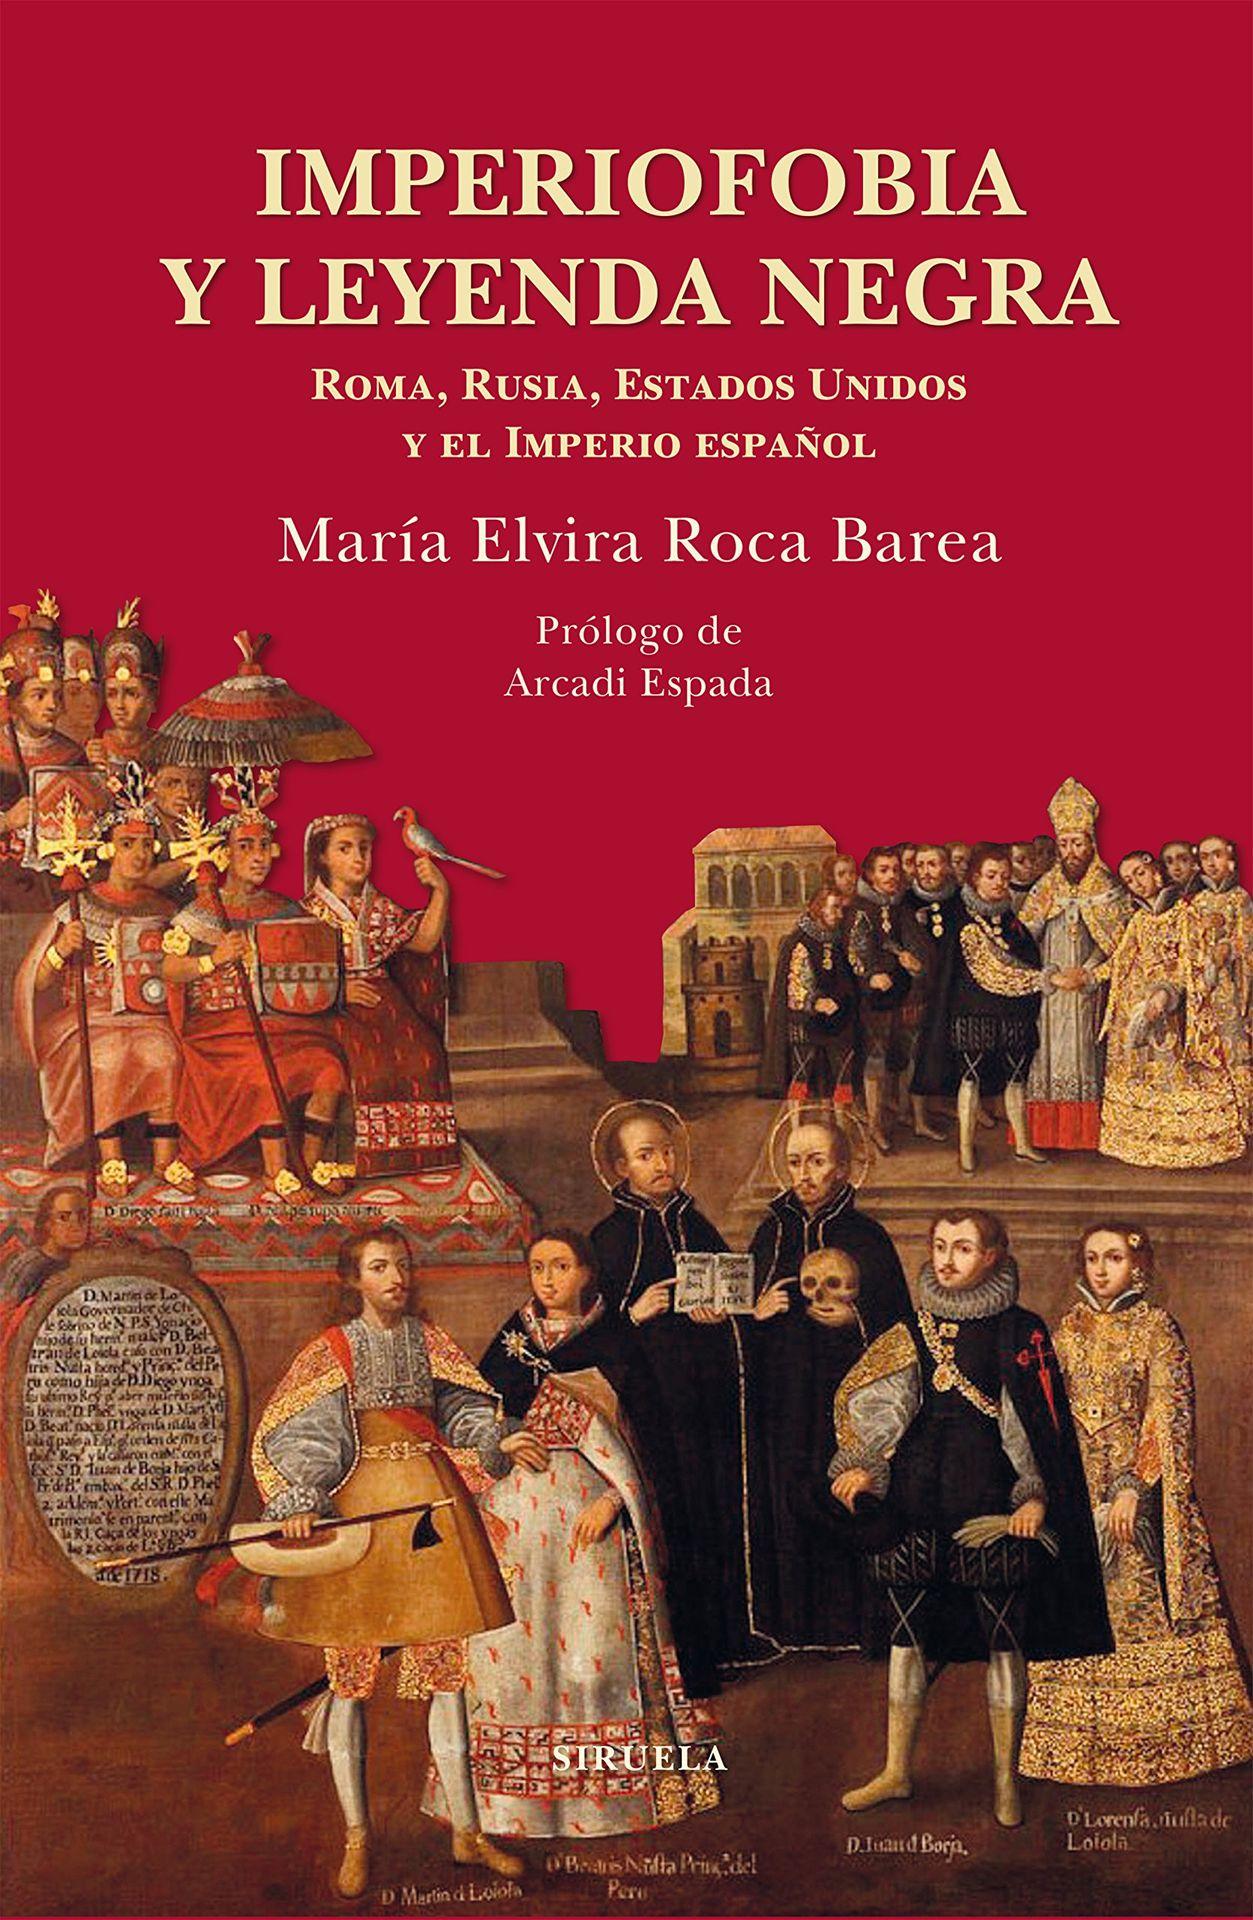 libros-para-el-verano-imperofobia-y-leyenda-negra.jpg